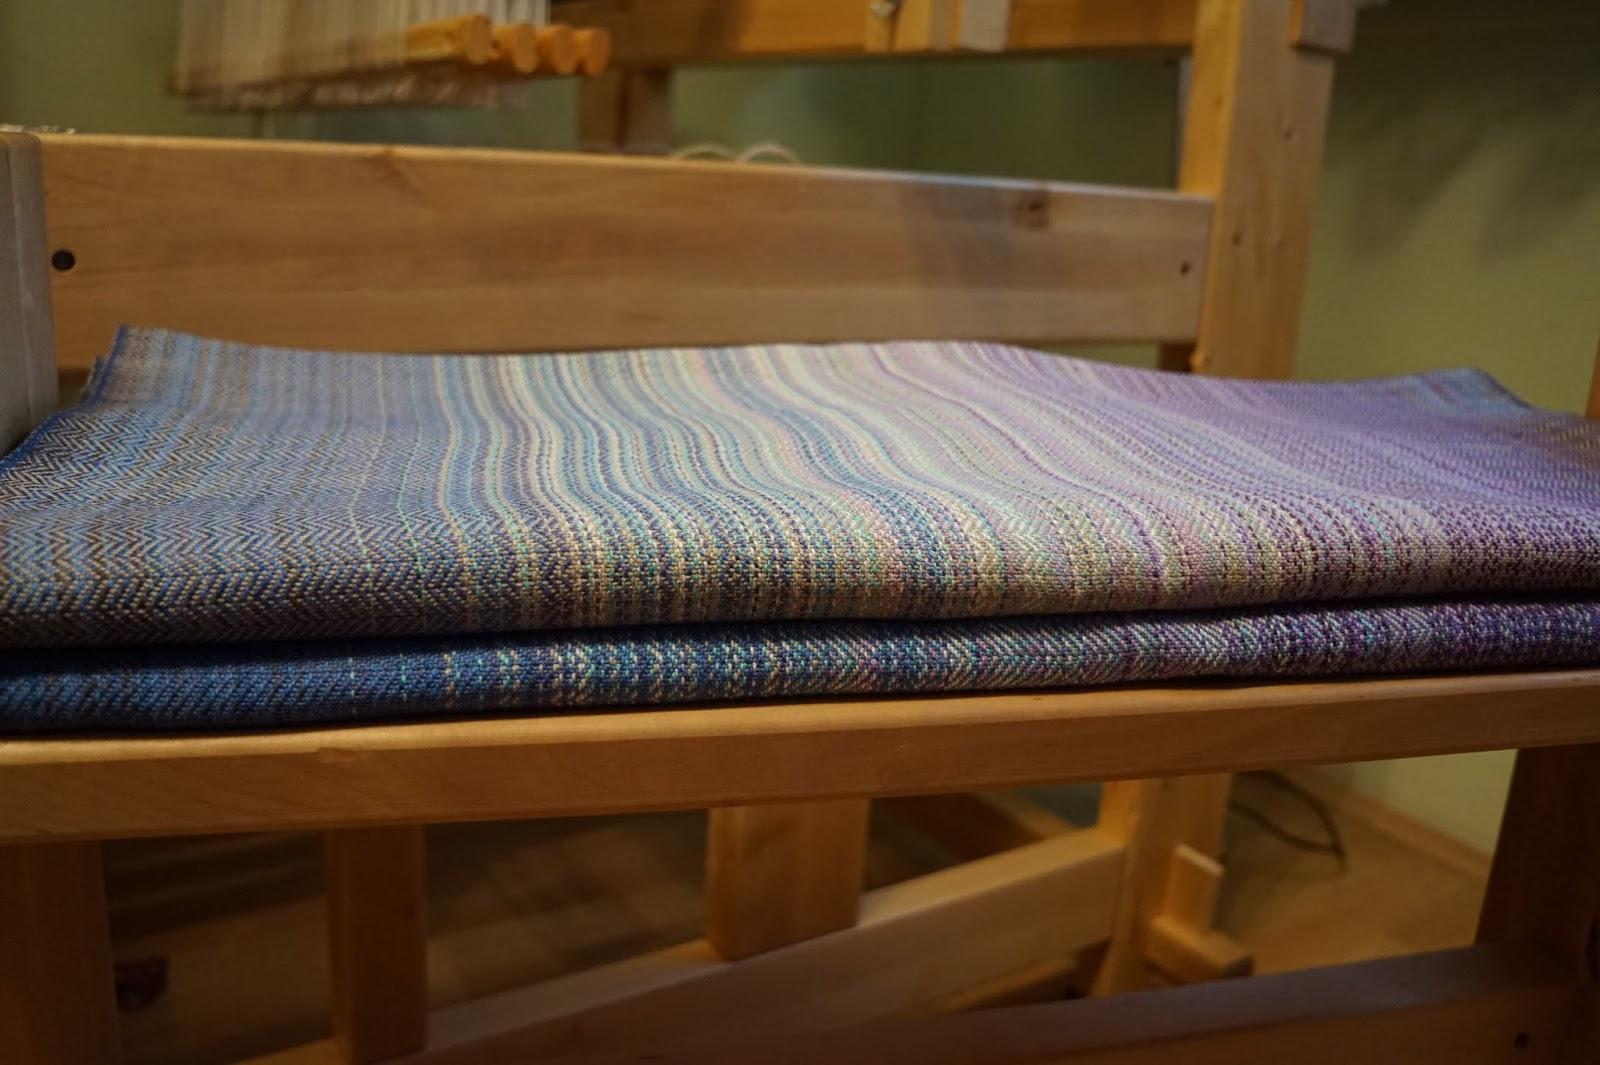 ręcznie tkana chusta do noszenia dzieci / handwoven baby wrap / bawełna / cotton